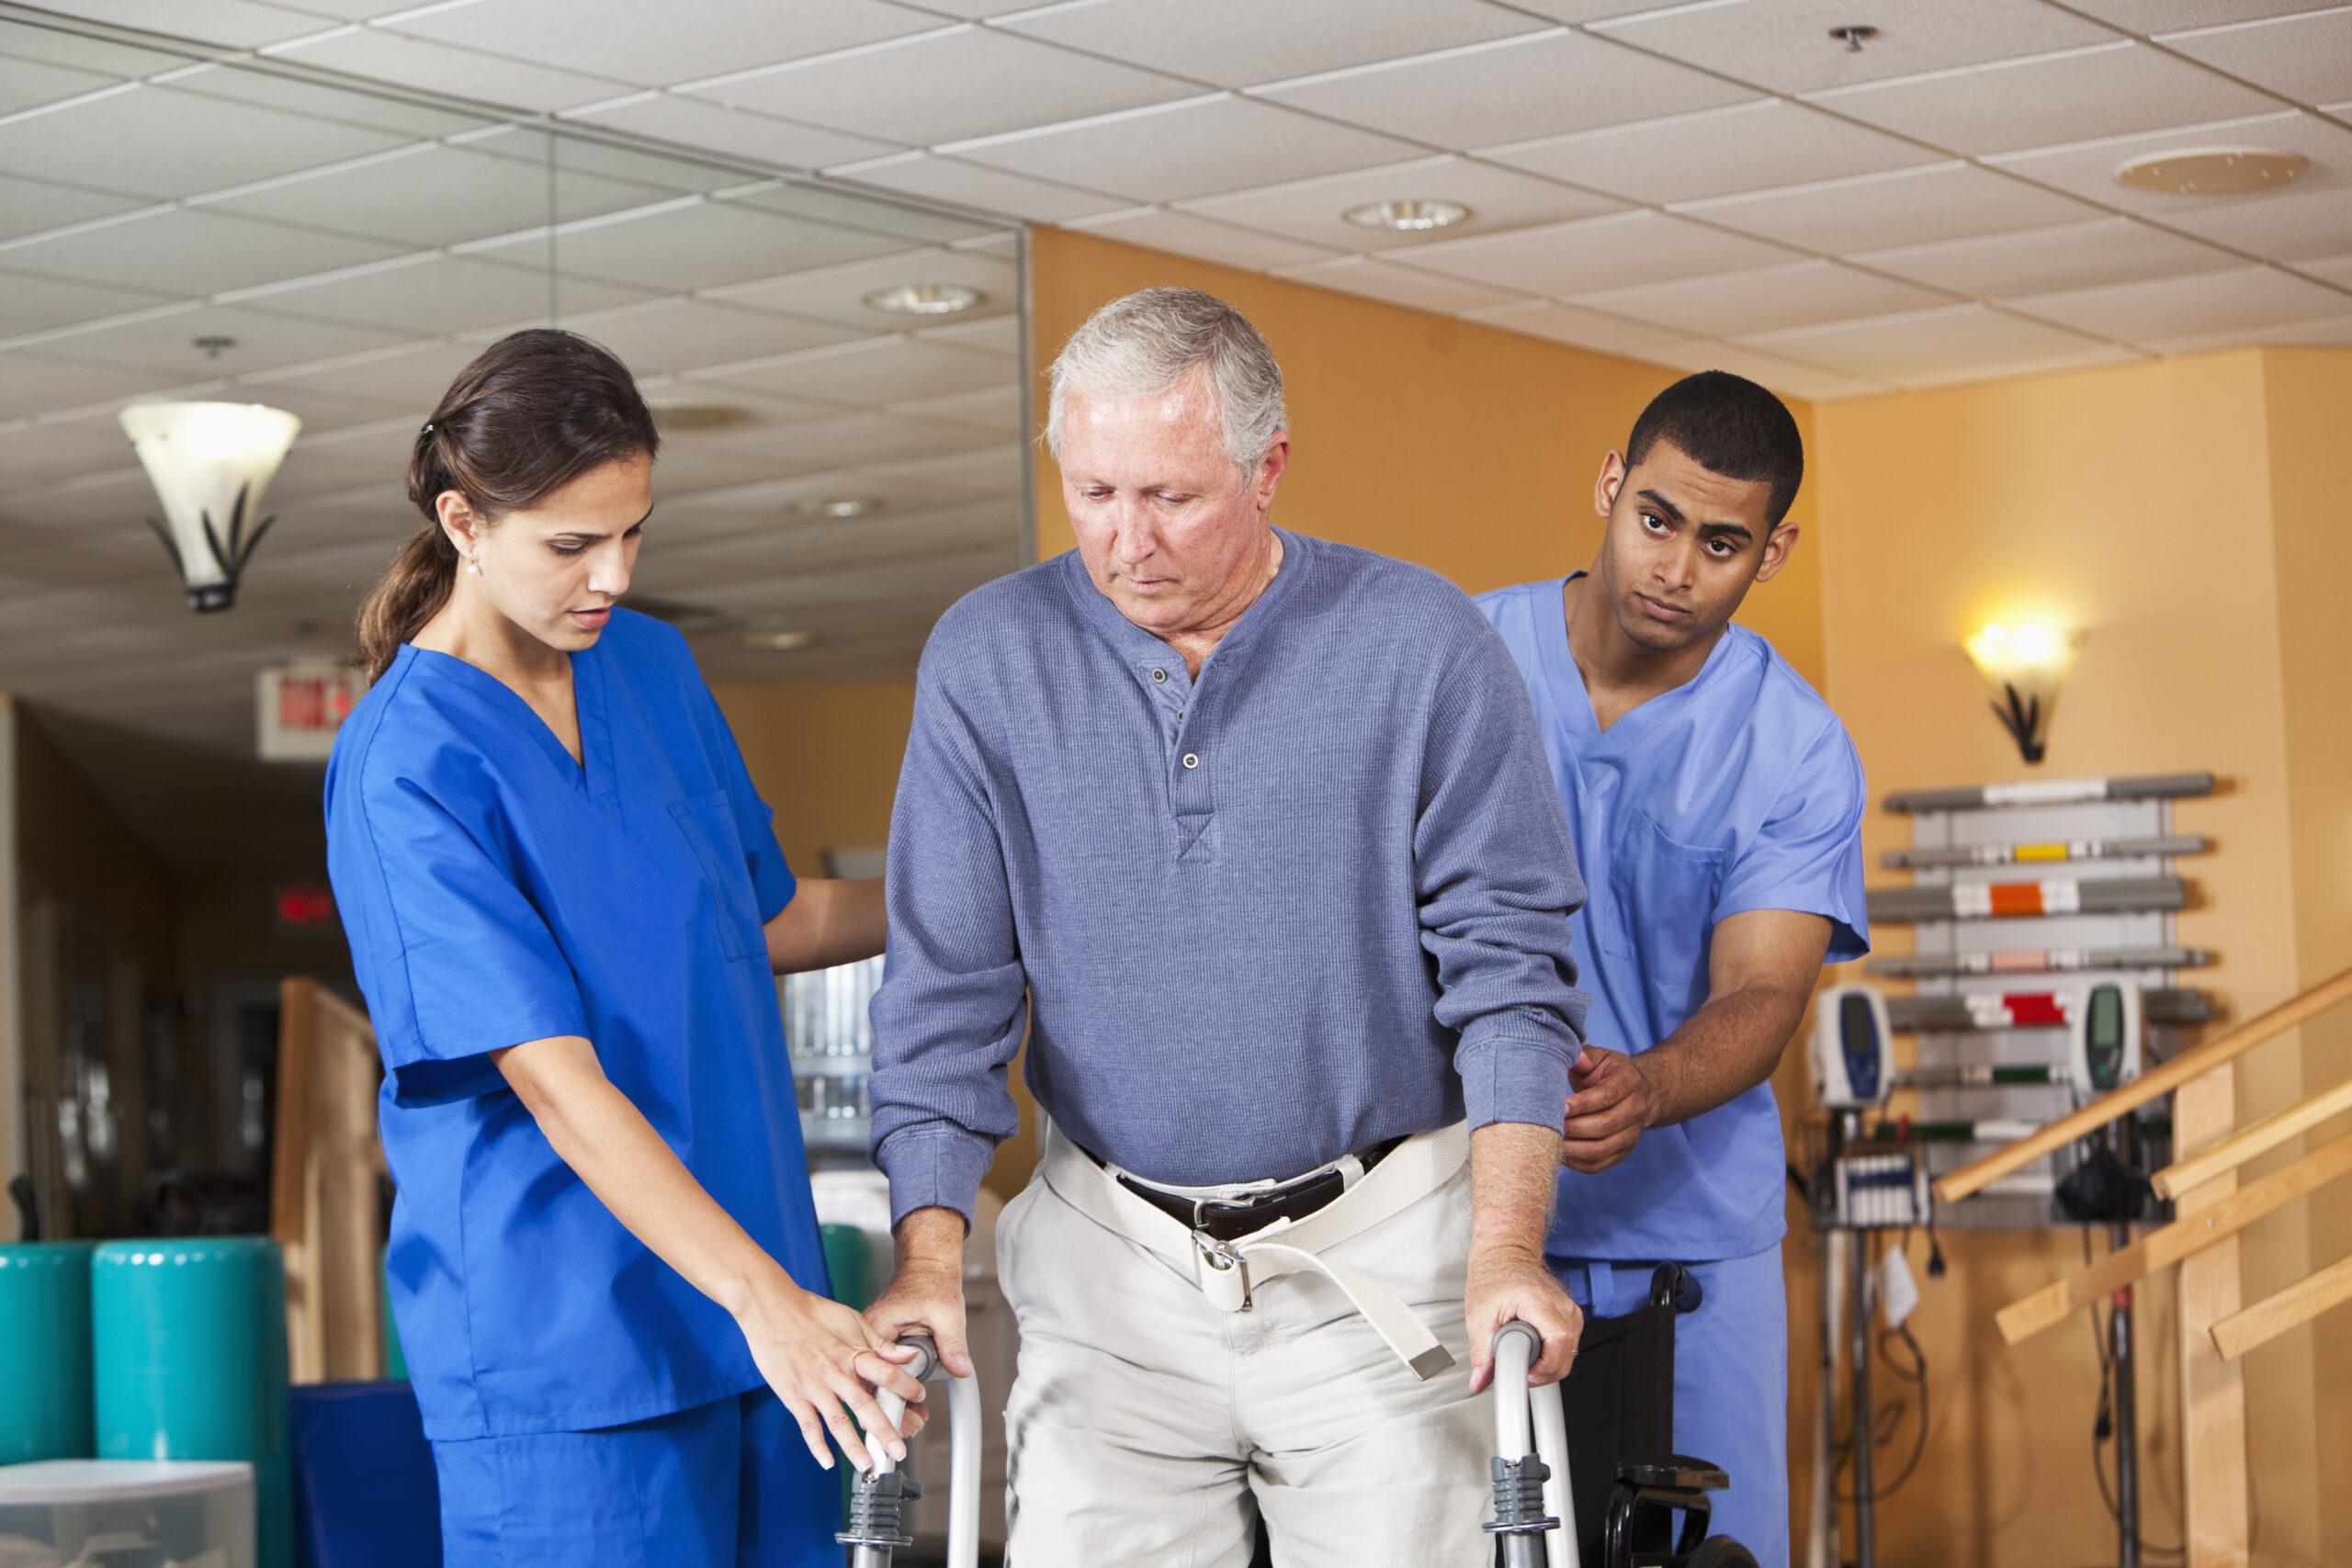 Healthcare workers helping senior man use walker